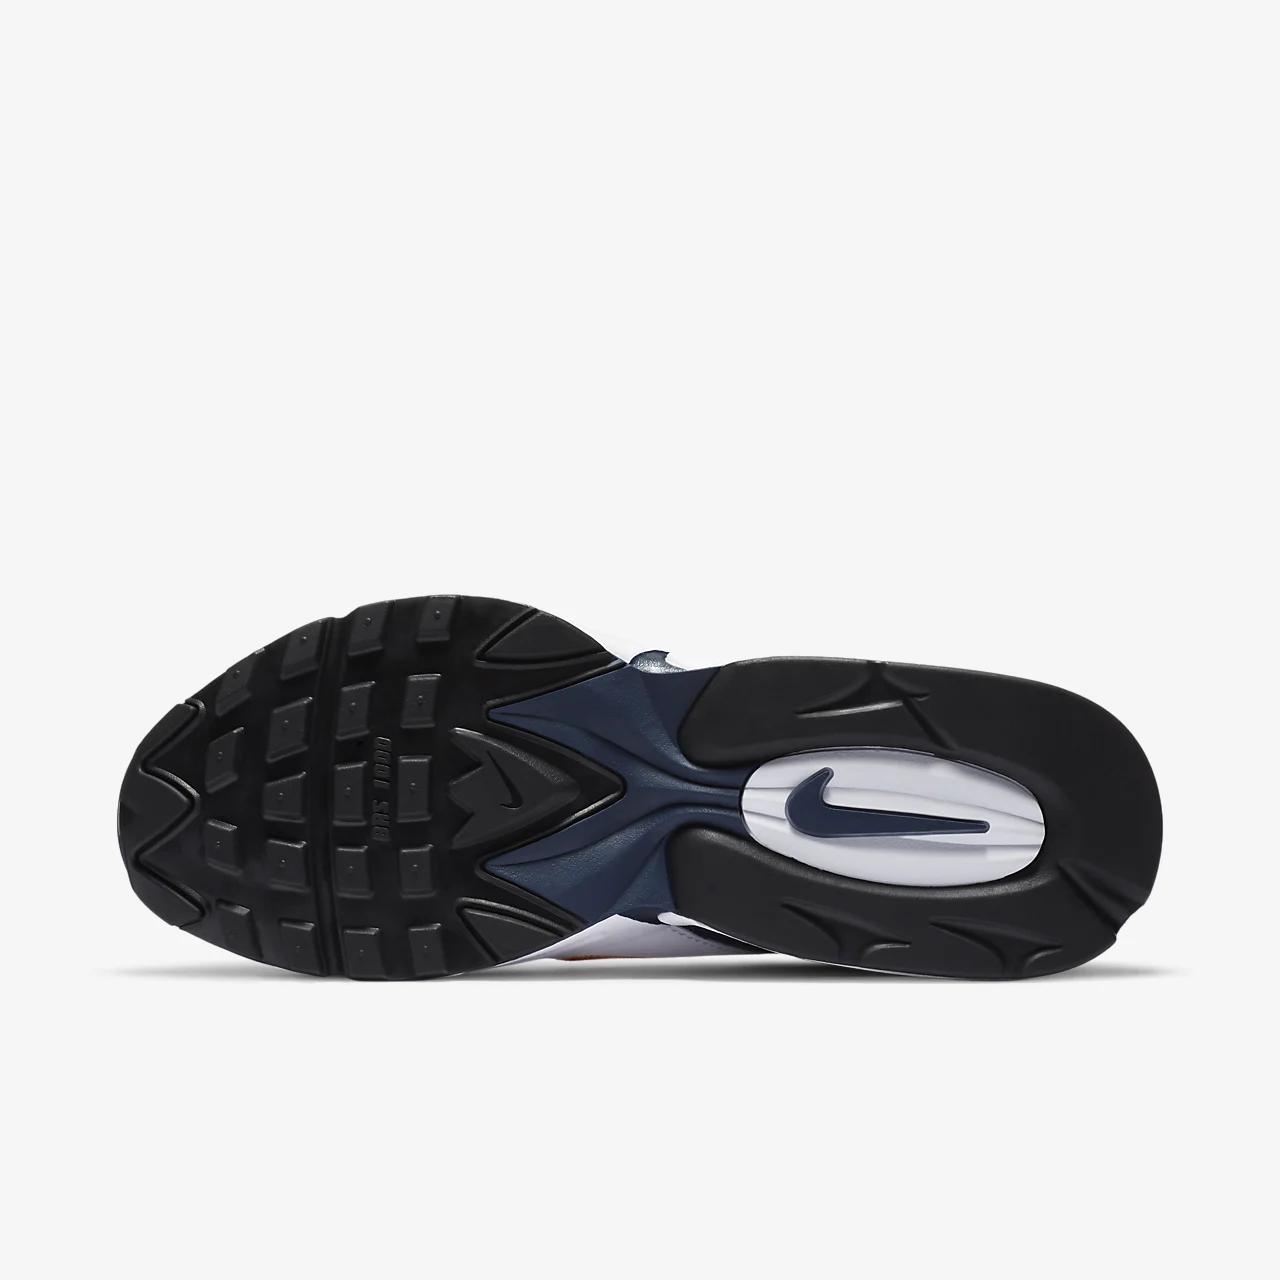 나이키 에어 맥스 트라이액스 USA 남성 신발 CT1763-400